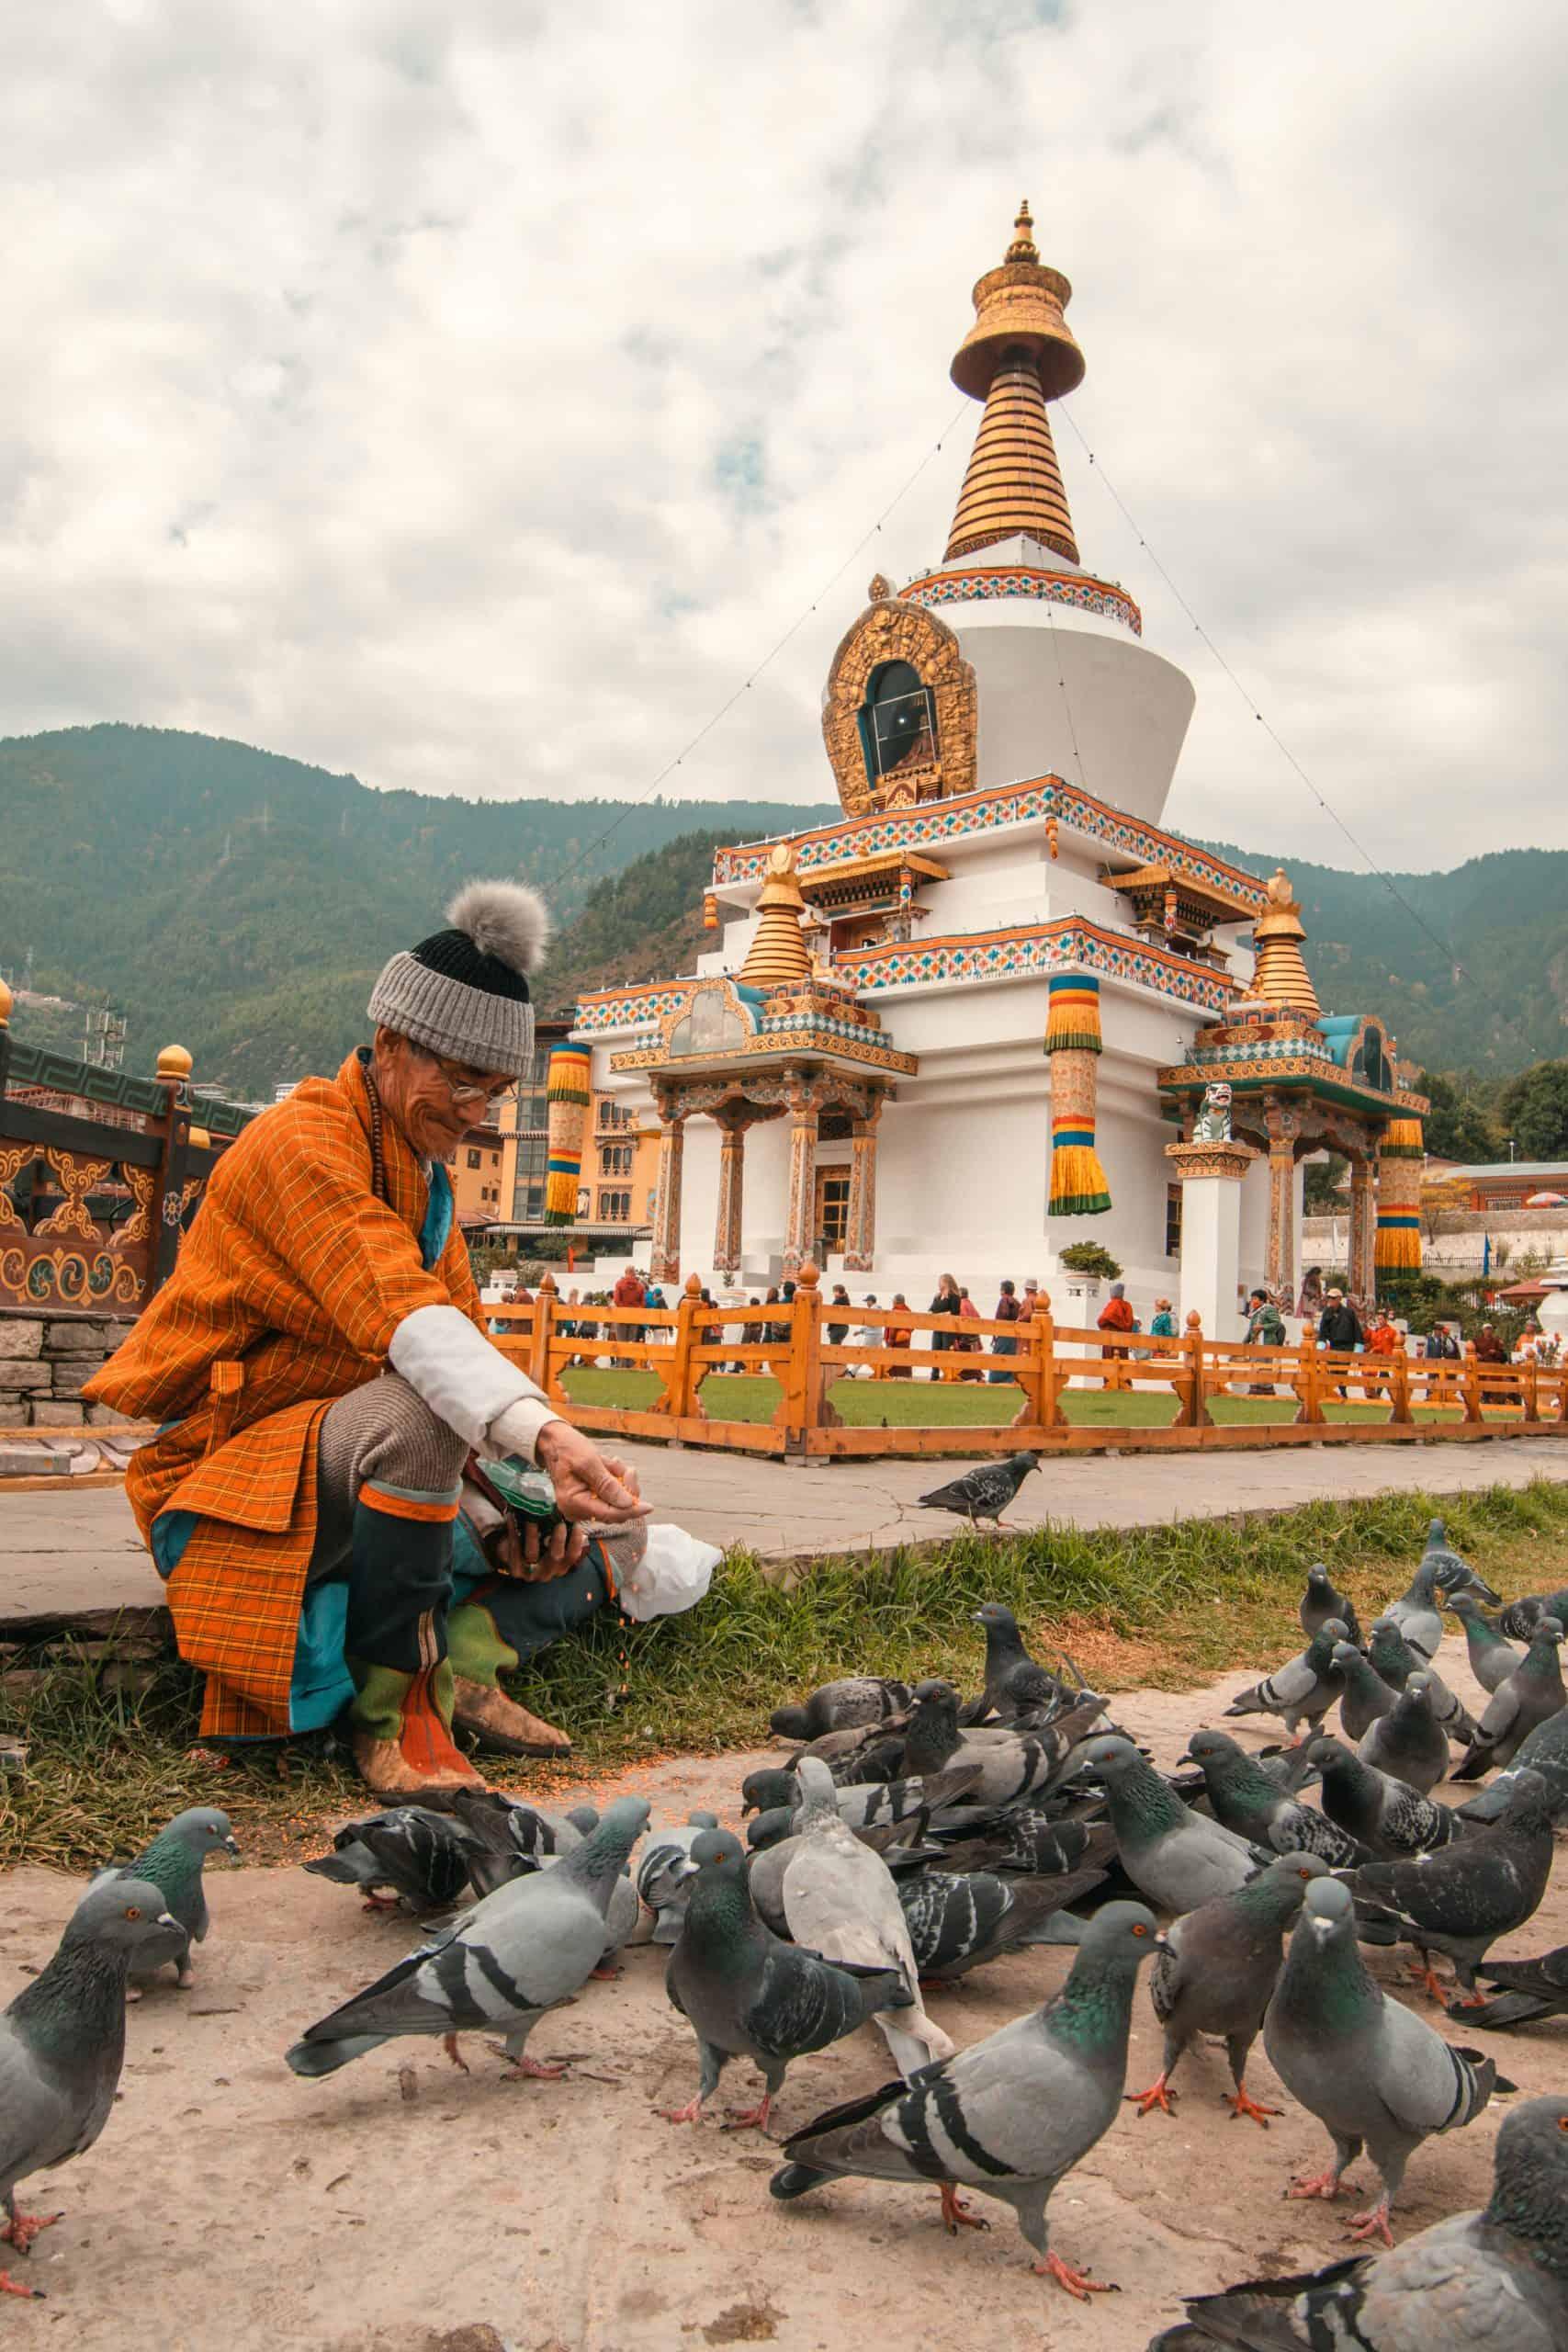 Pigeons at Memorial Chorten in Bhutan